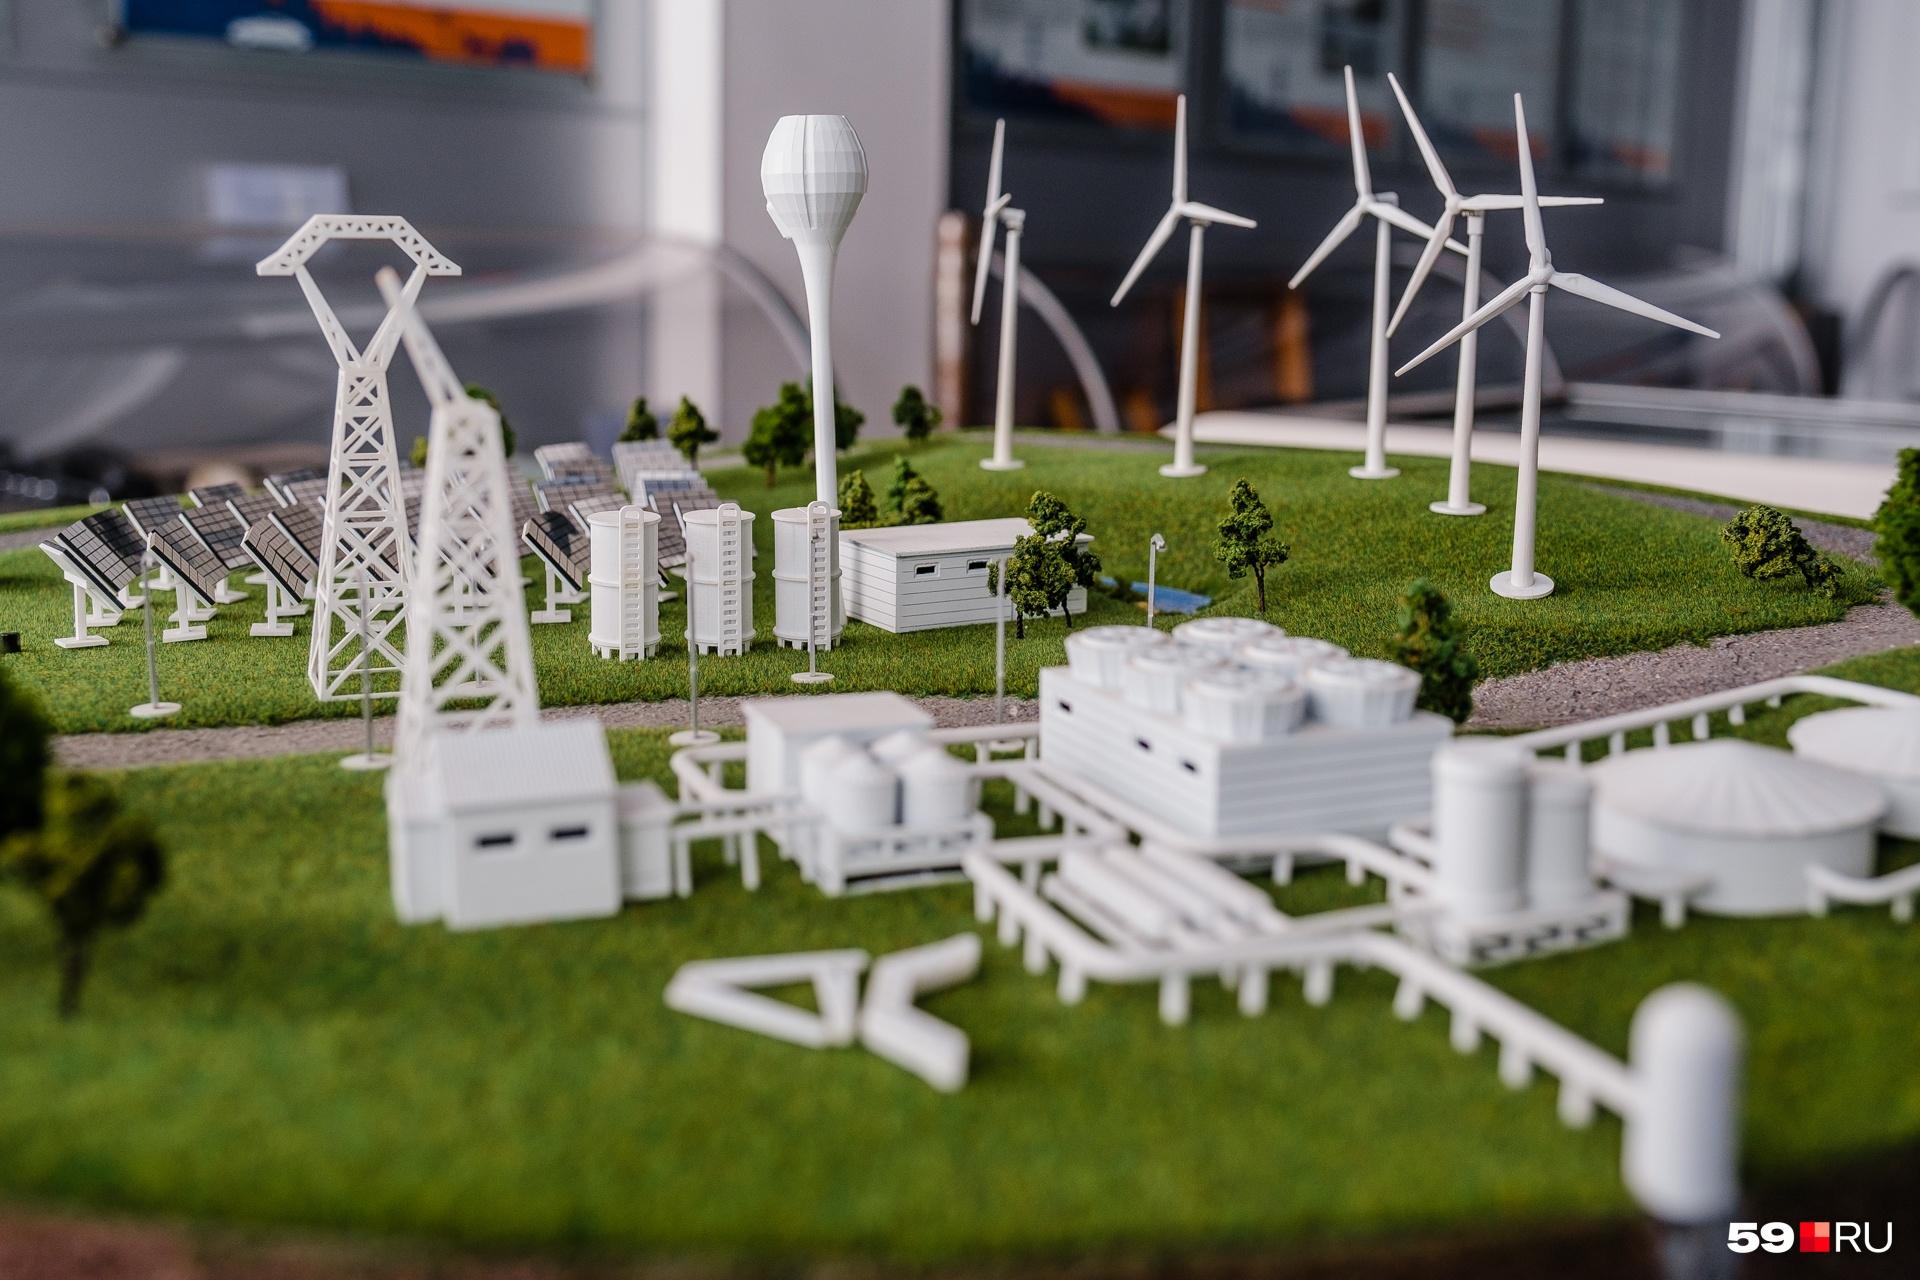 На территории станции есть маленький музей с моделями альтернативных источников энергии